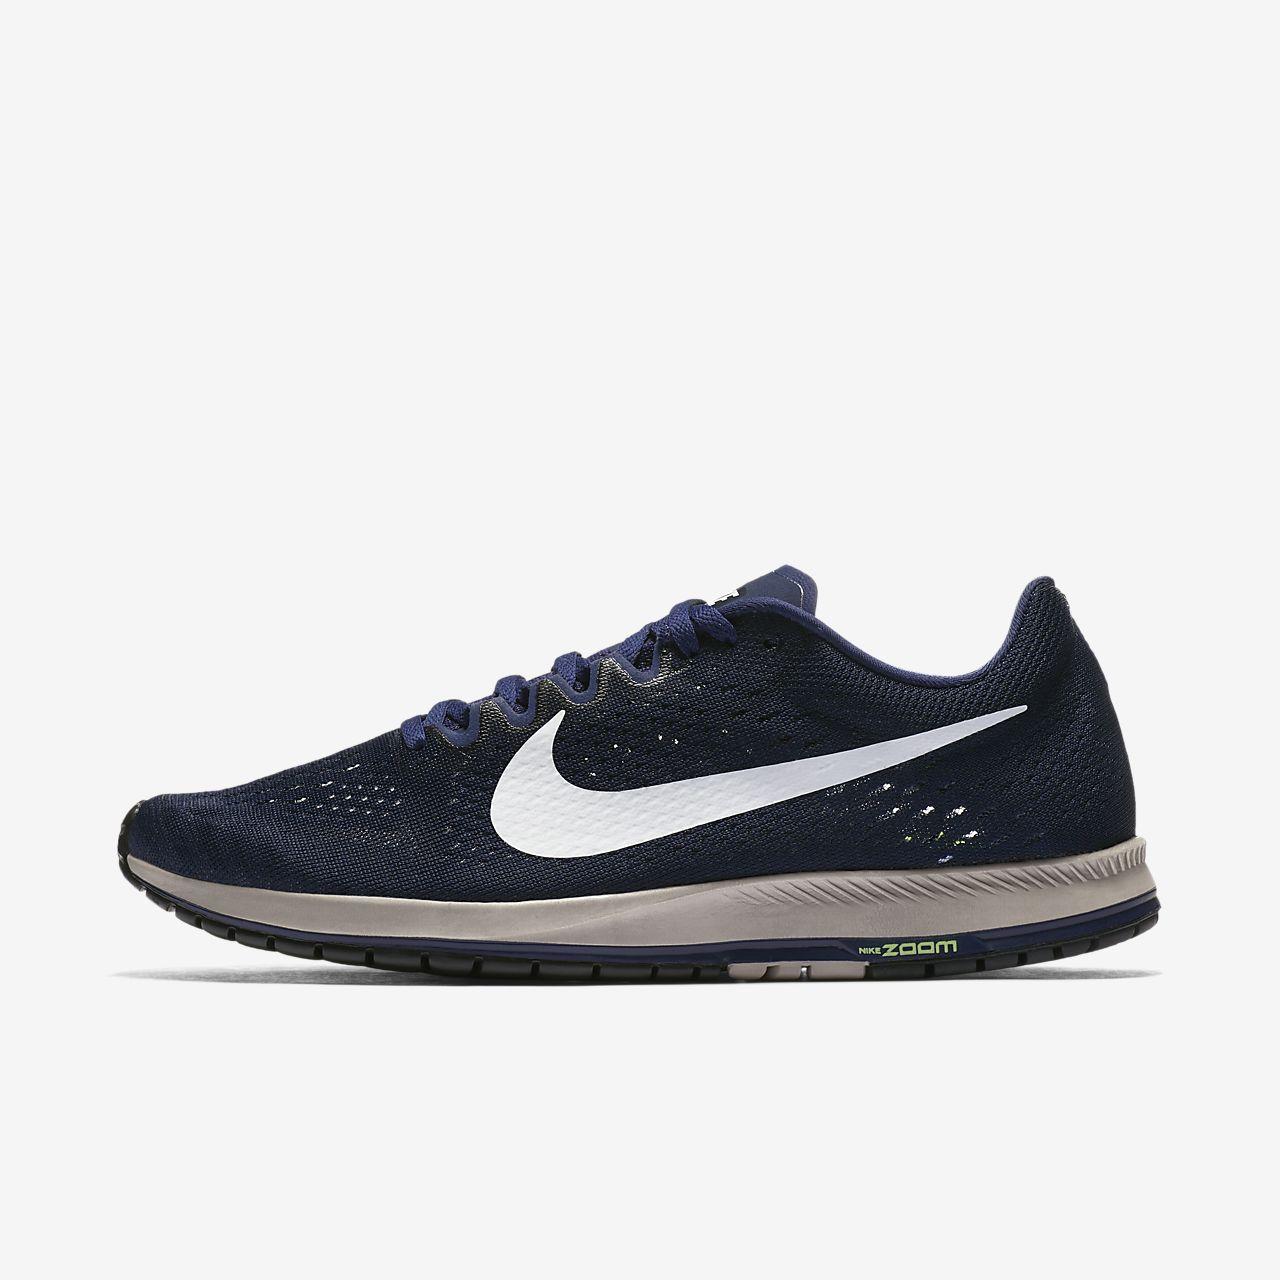 Nike Zoom Strie 6 Unisexe RxSX5N8NwG